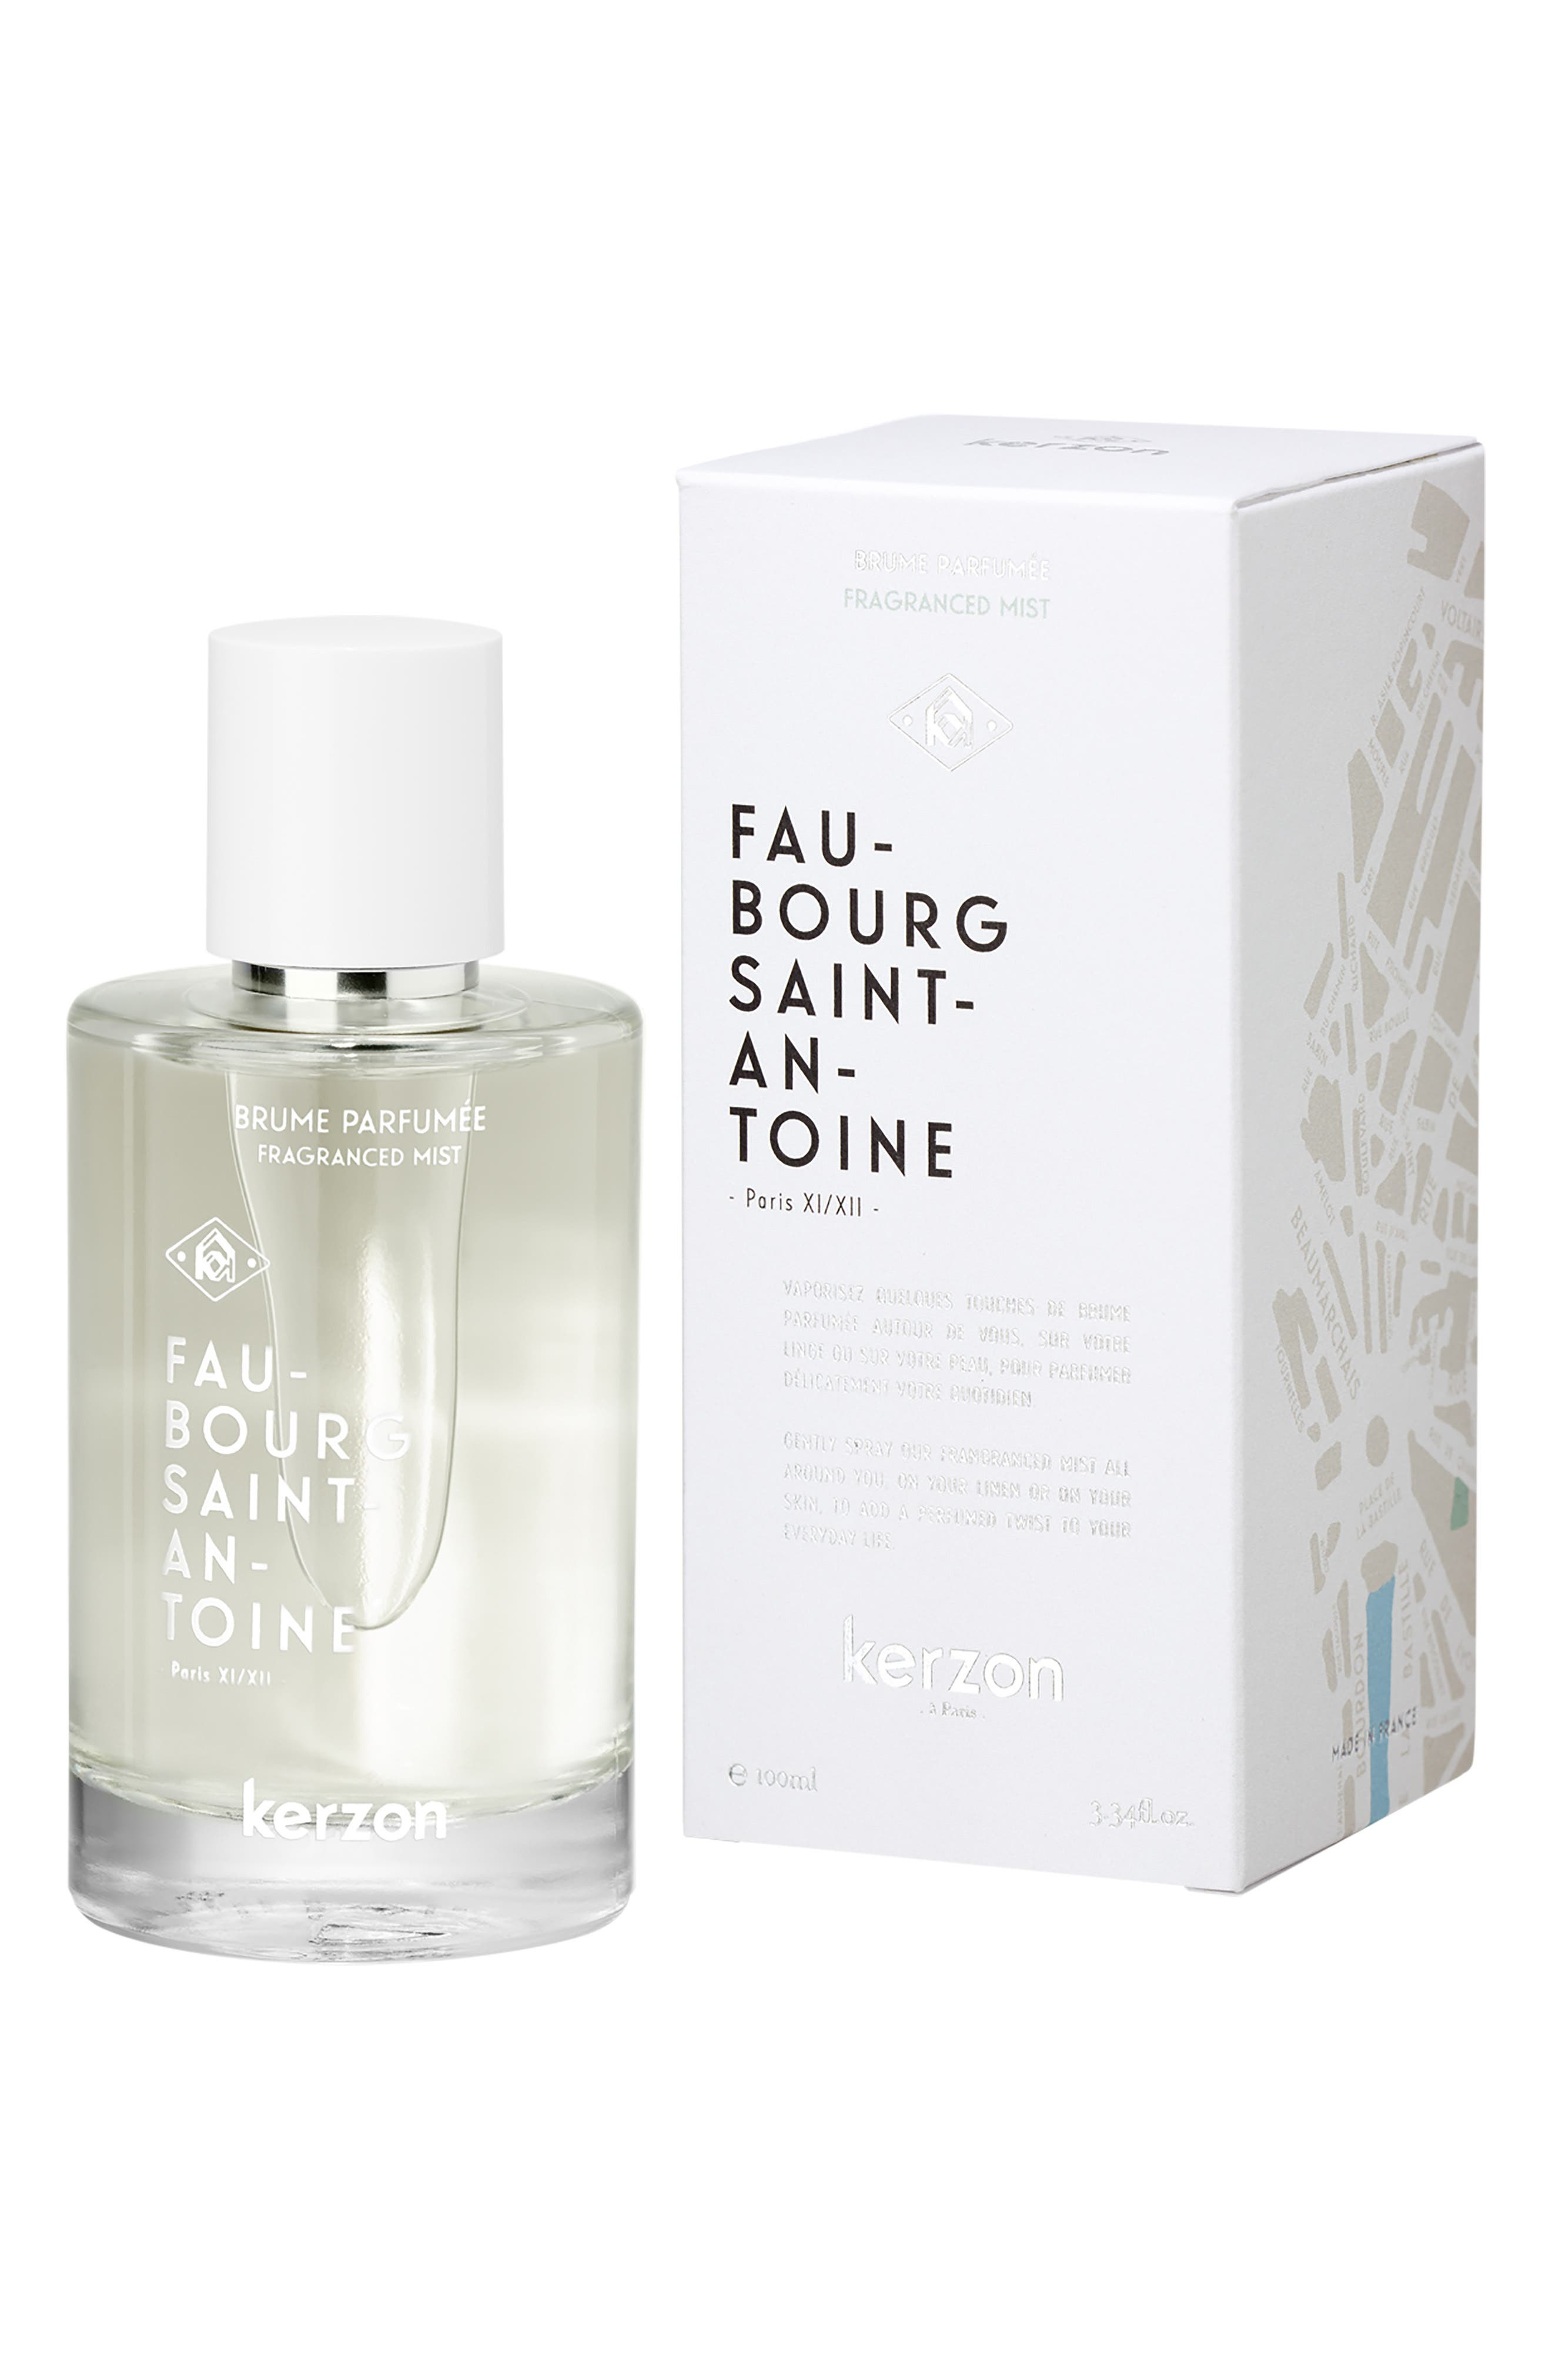 Faubourg Saint-Antoine Fragrance Mist